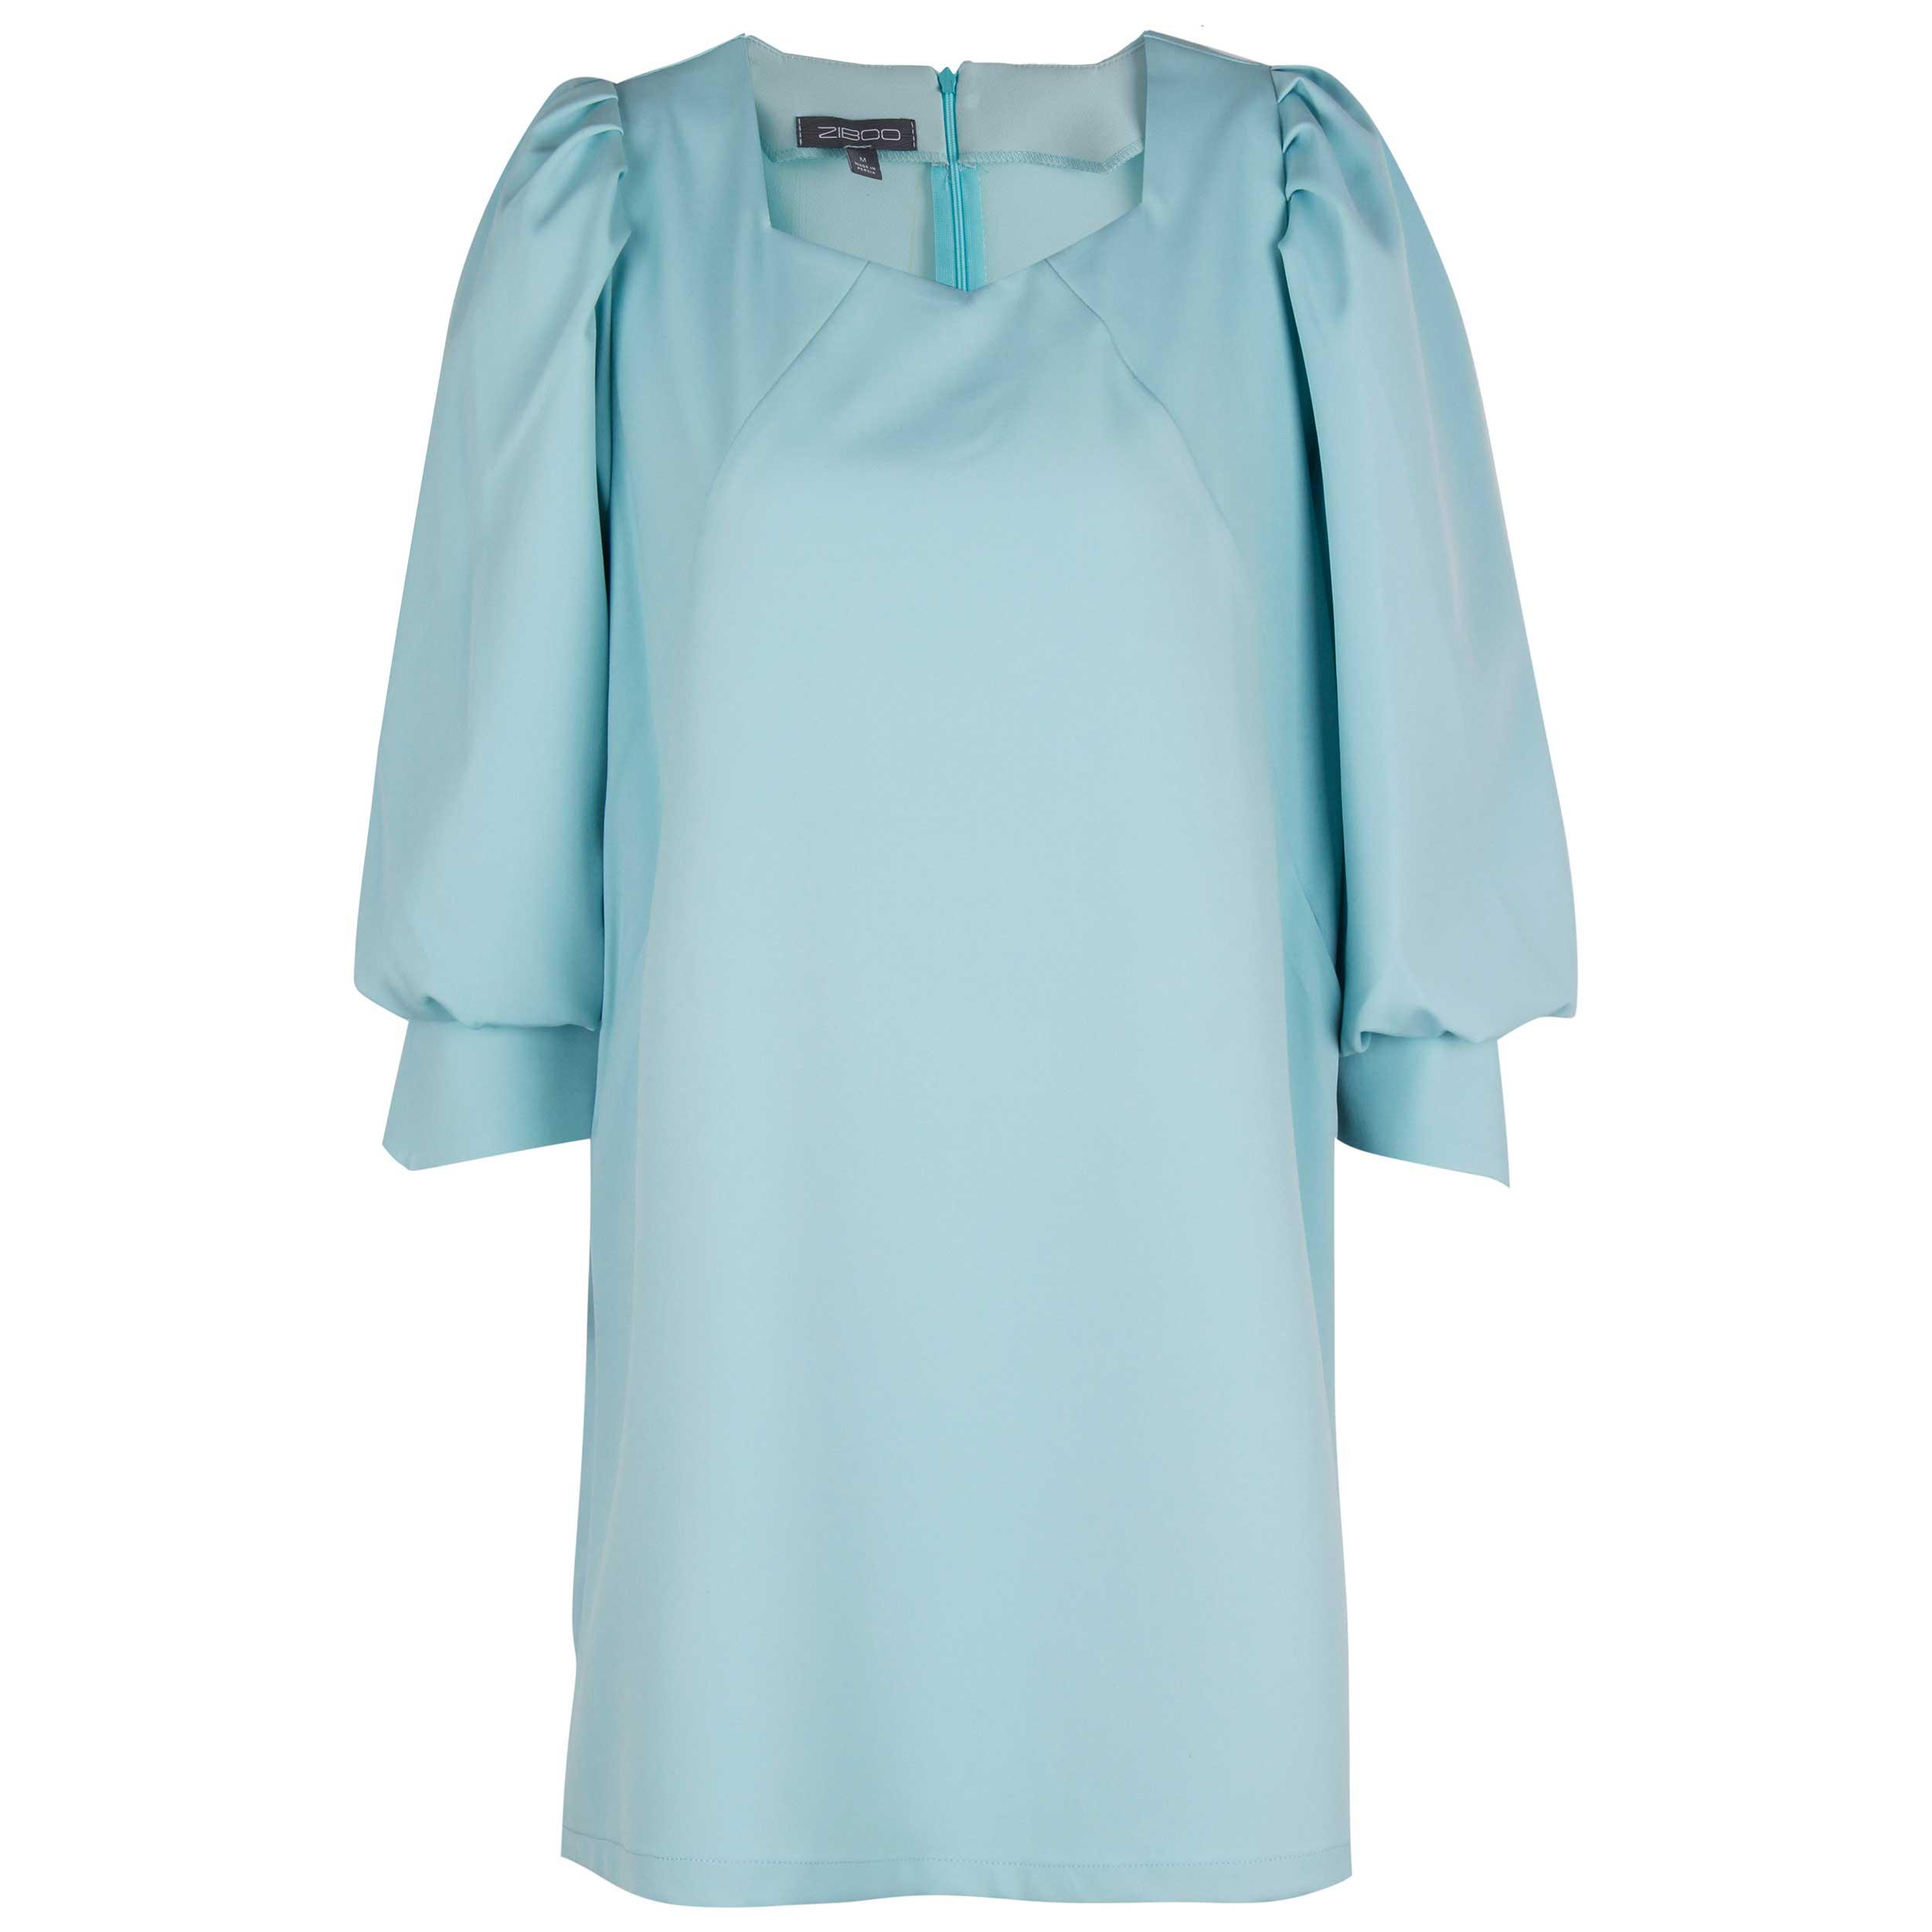 پیراهن زنانه زیبو مدل Angie aqua-BLUE AQUA